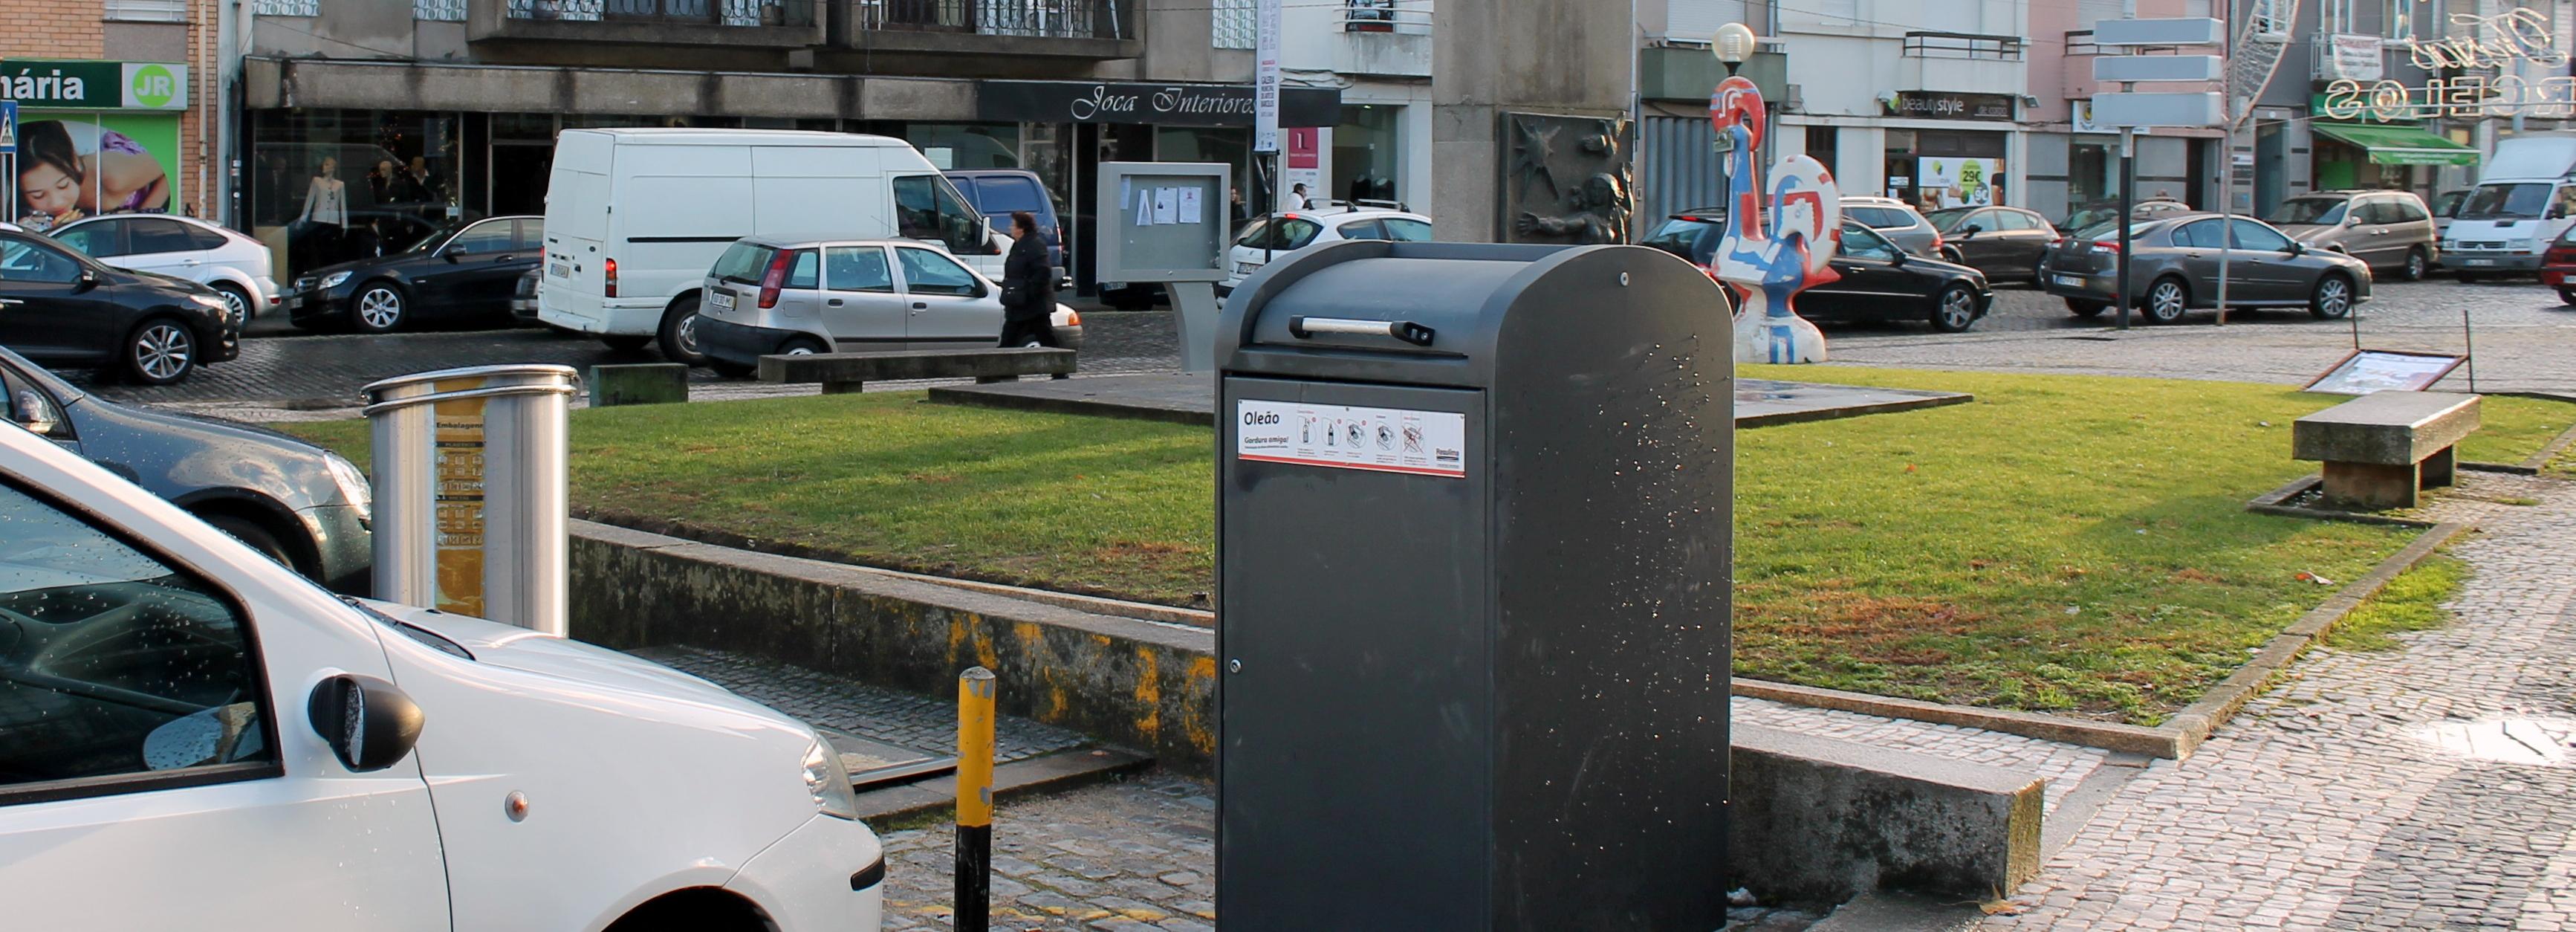 Câmara Municipal instala novos oleões em todo o concelho